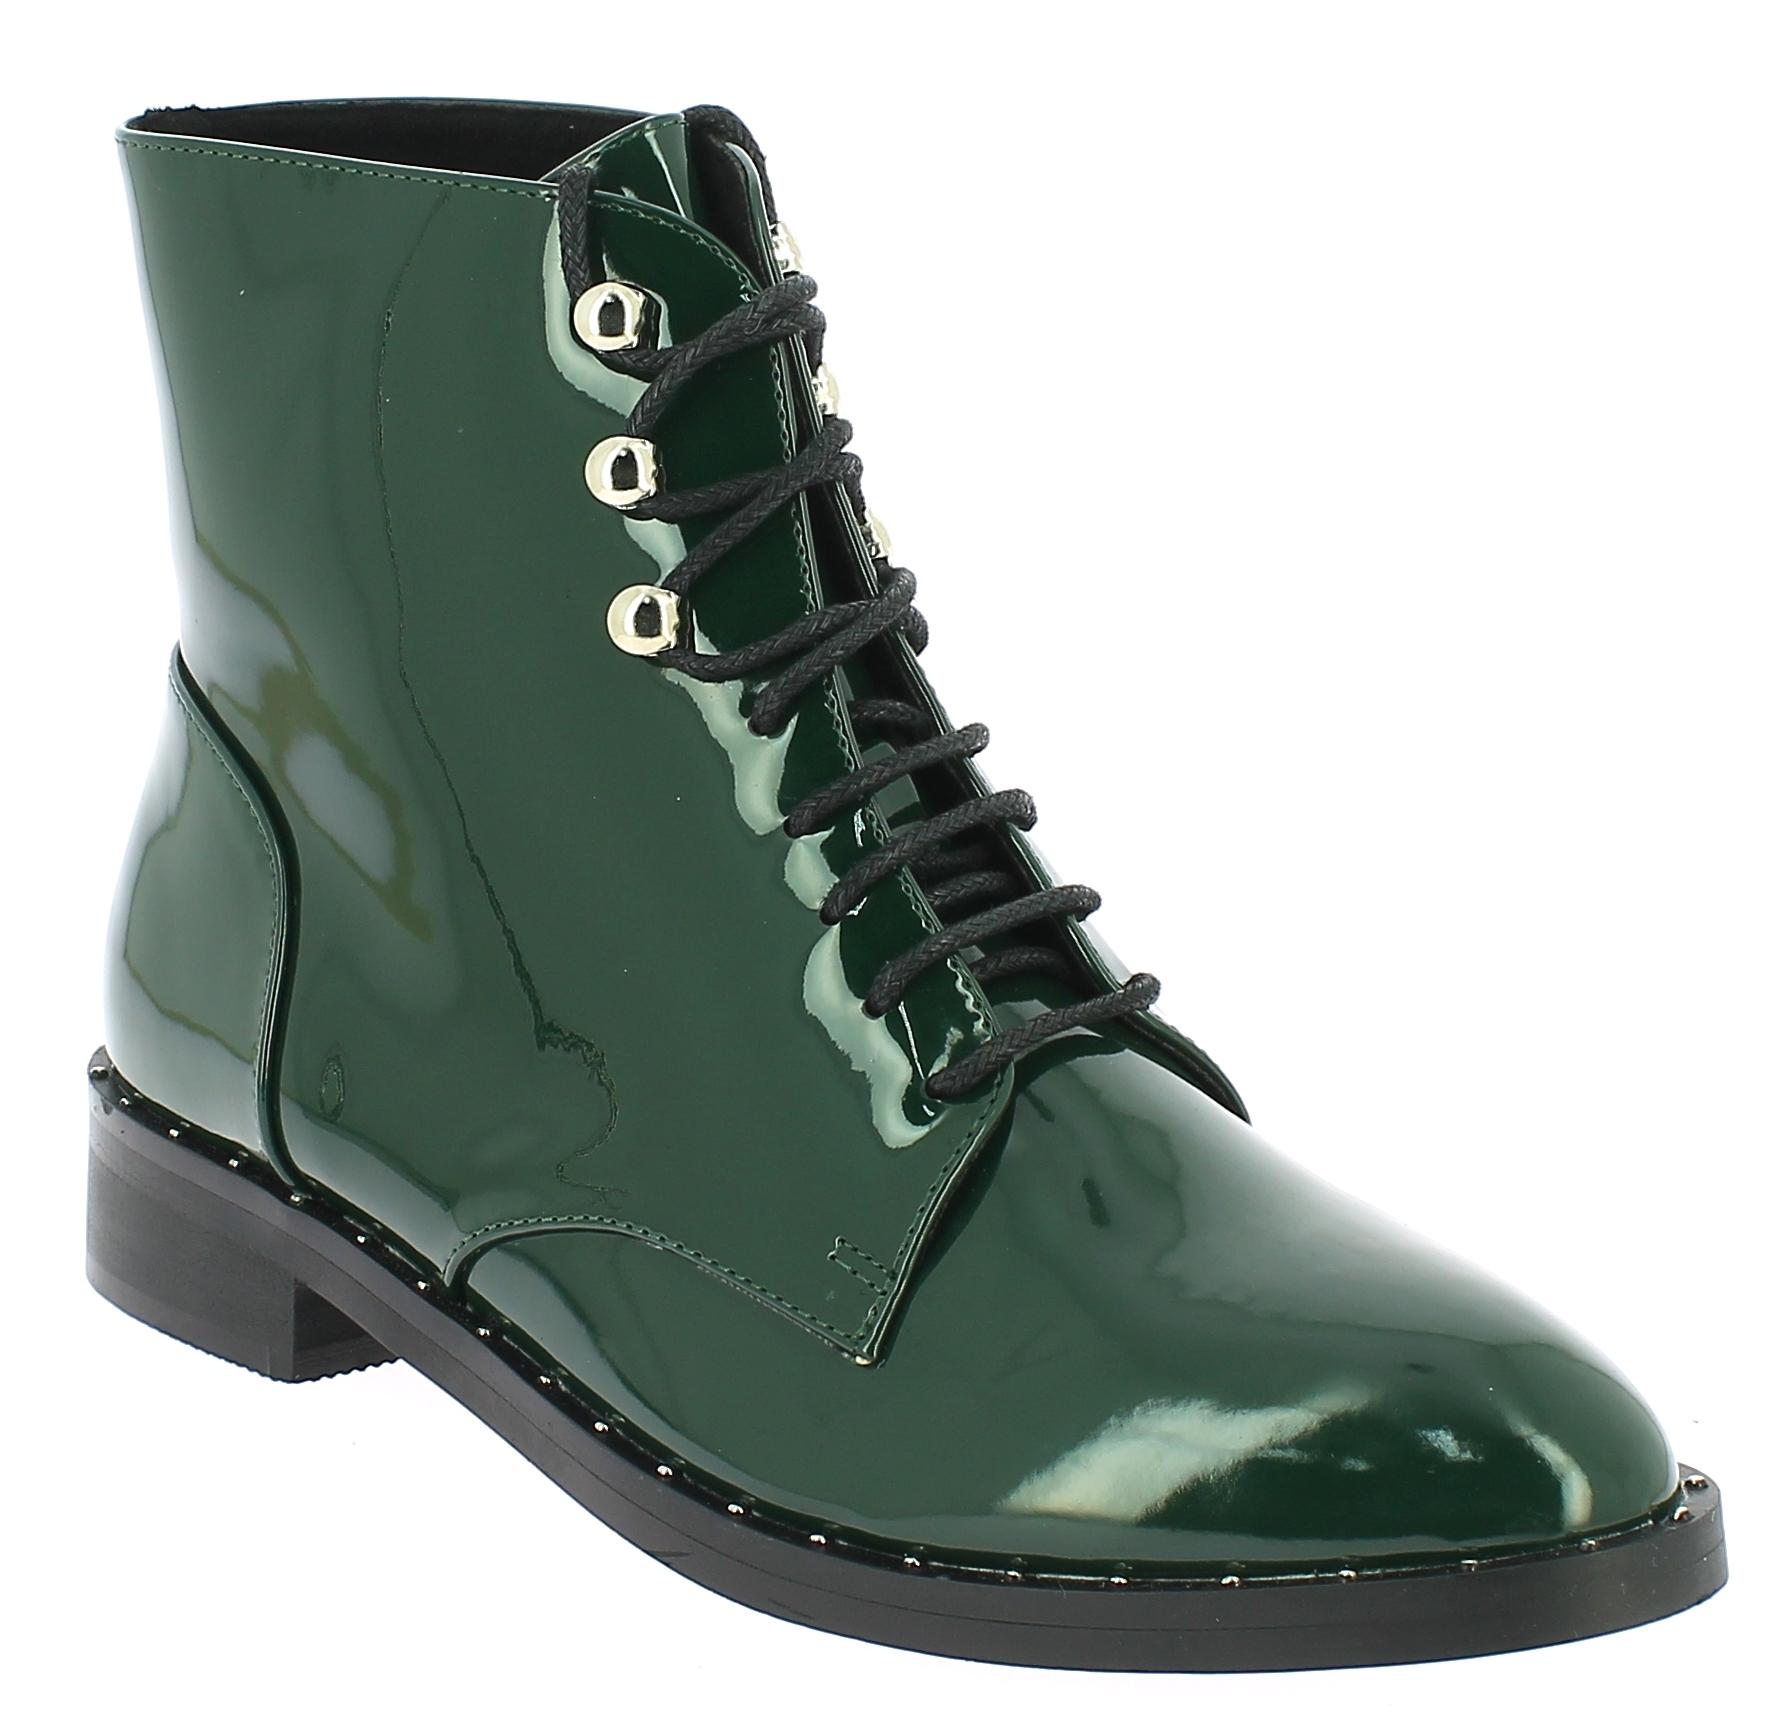 CORINA Γυναικείο Μποτάκι C7821 Κυπαρισσί - CORINA - C7821 VERDE-Verde-37/1/4/27 παπούτσια  new in